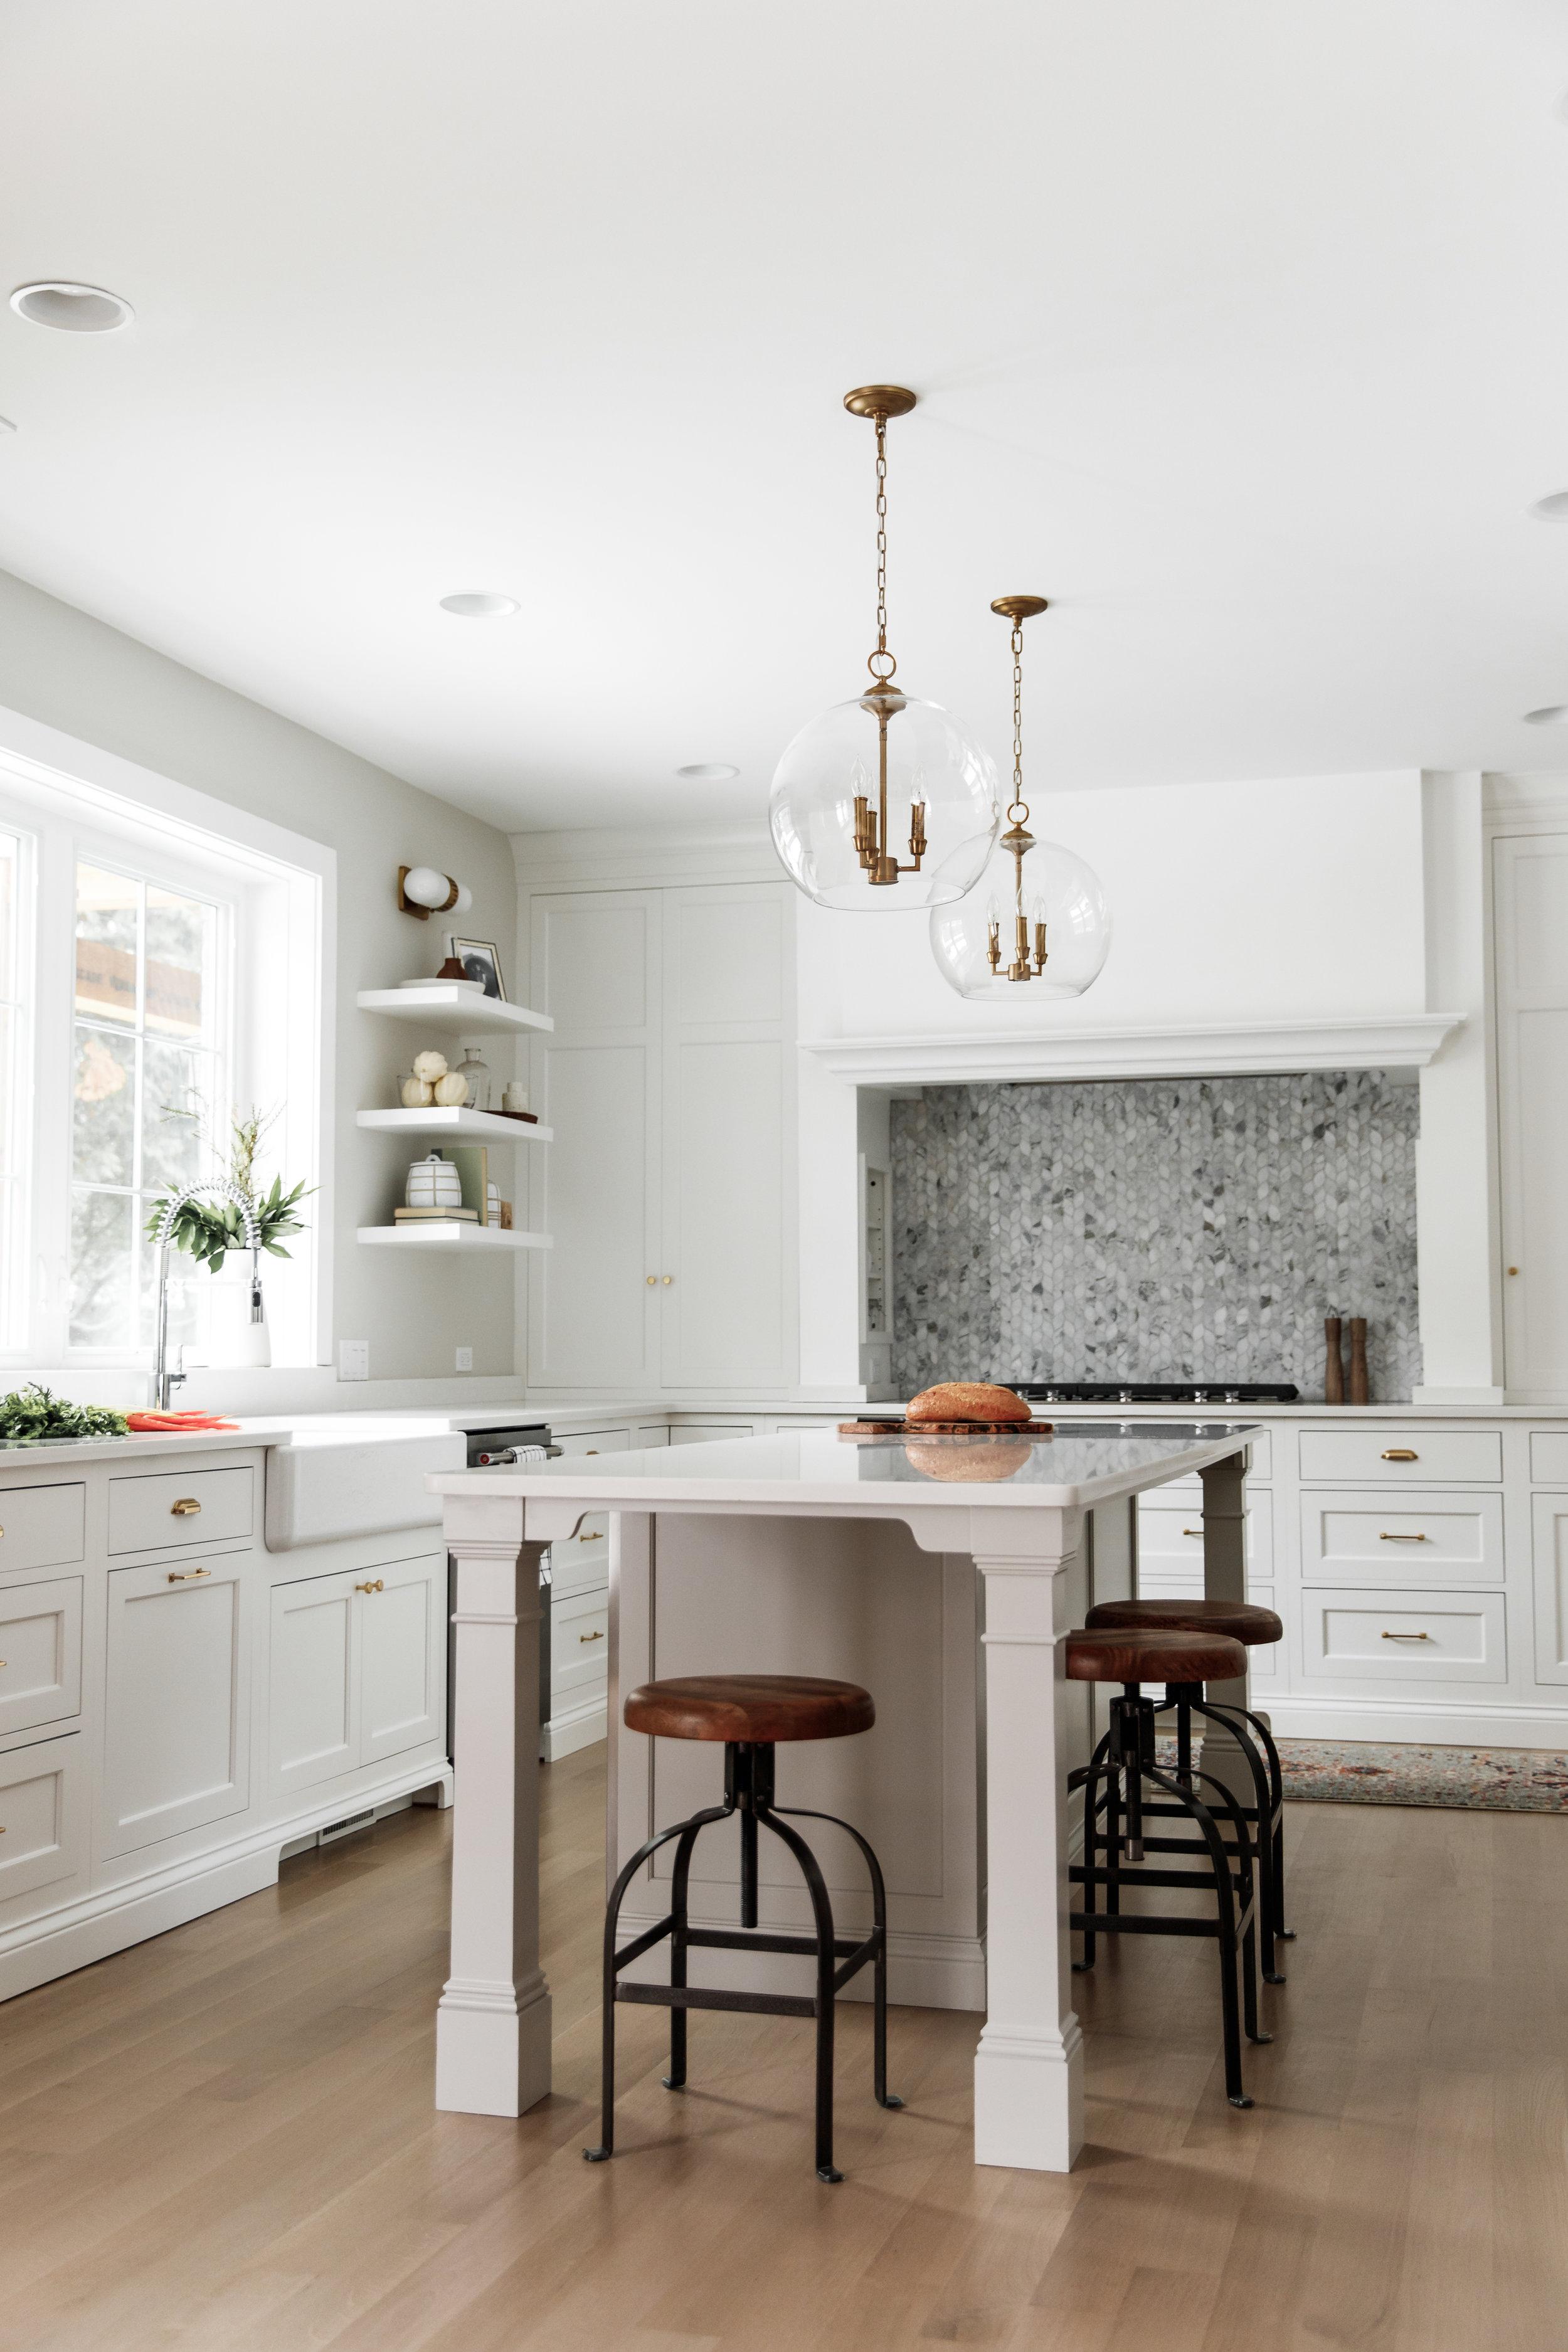 Unique island in white kitchen